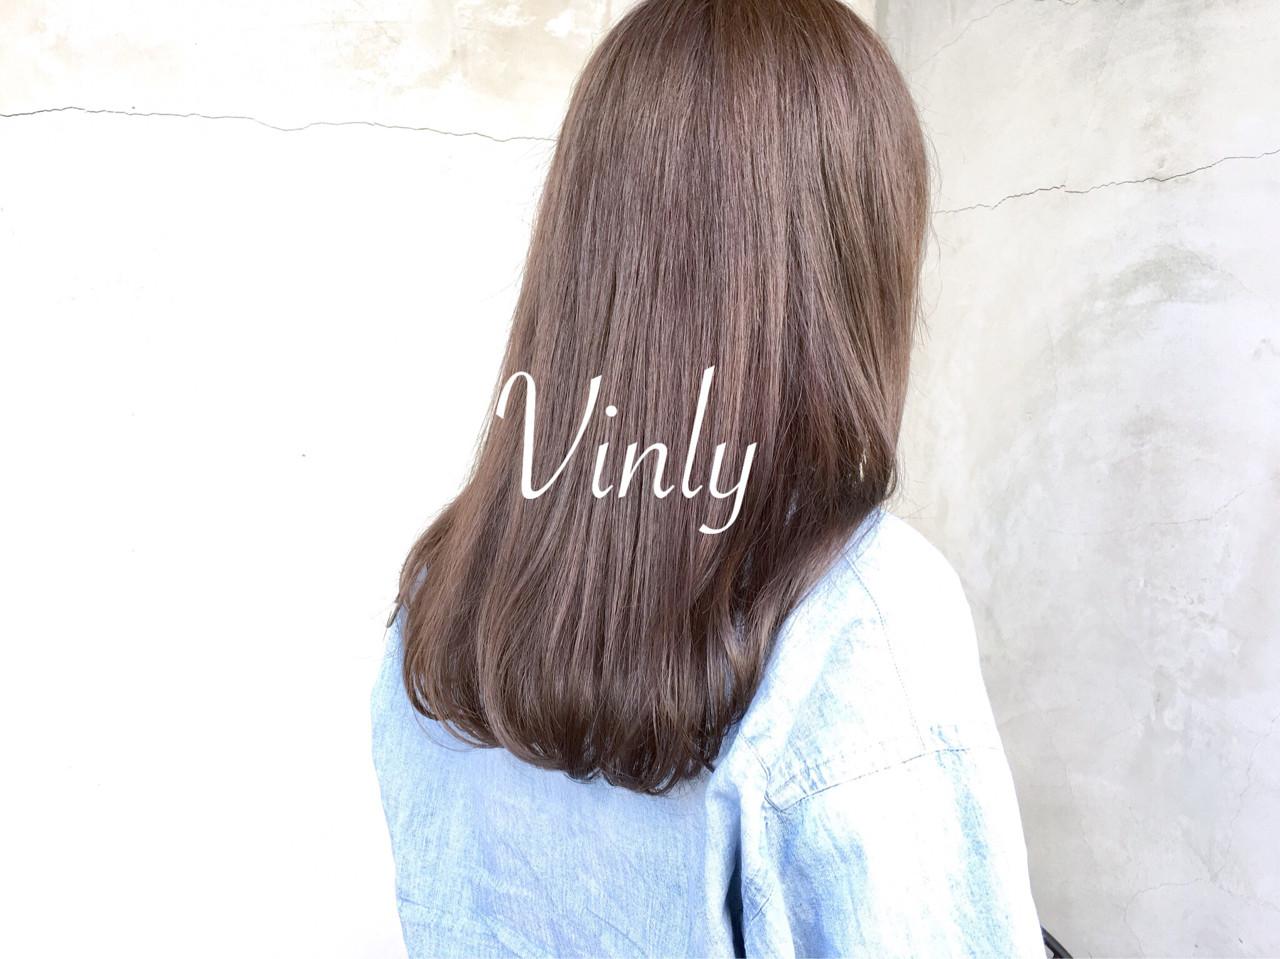 色気 ロング ショート 結婚式 ヘアスタイルや髪型の写真・画像 | norihiko yoshimoto / Vinly hair salon